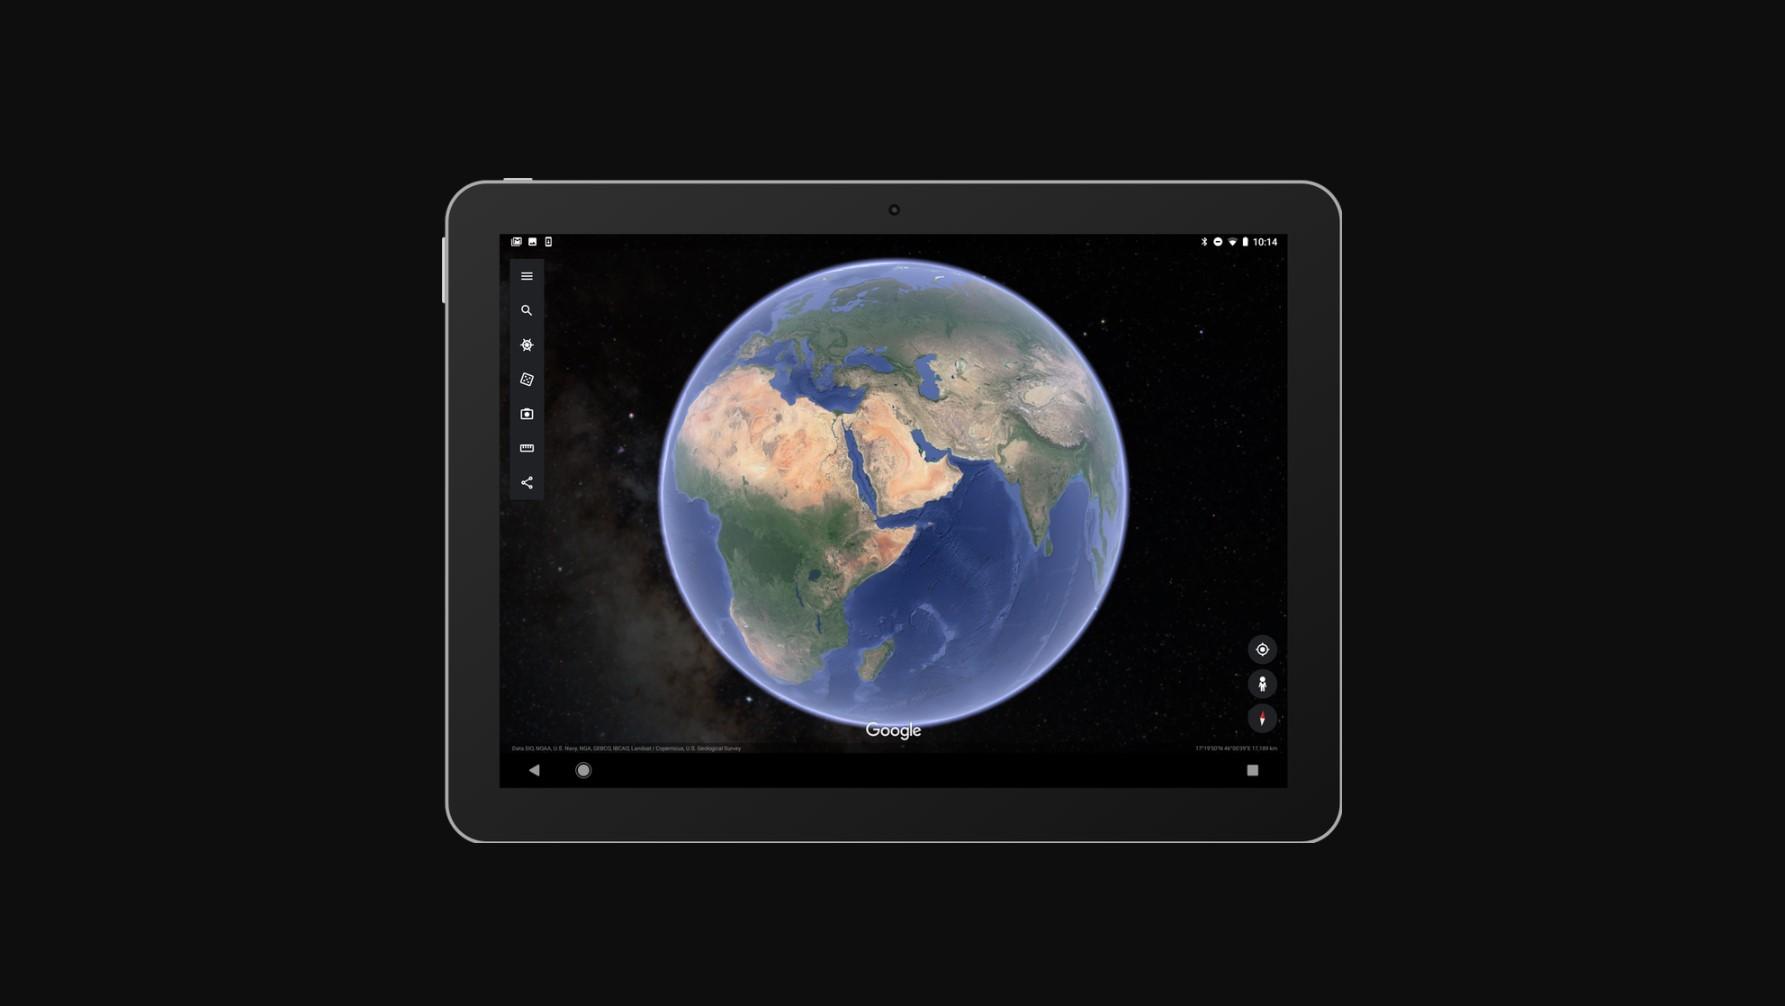 Google Earth nově s hvězdami, ale jen jako pozadí